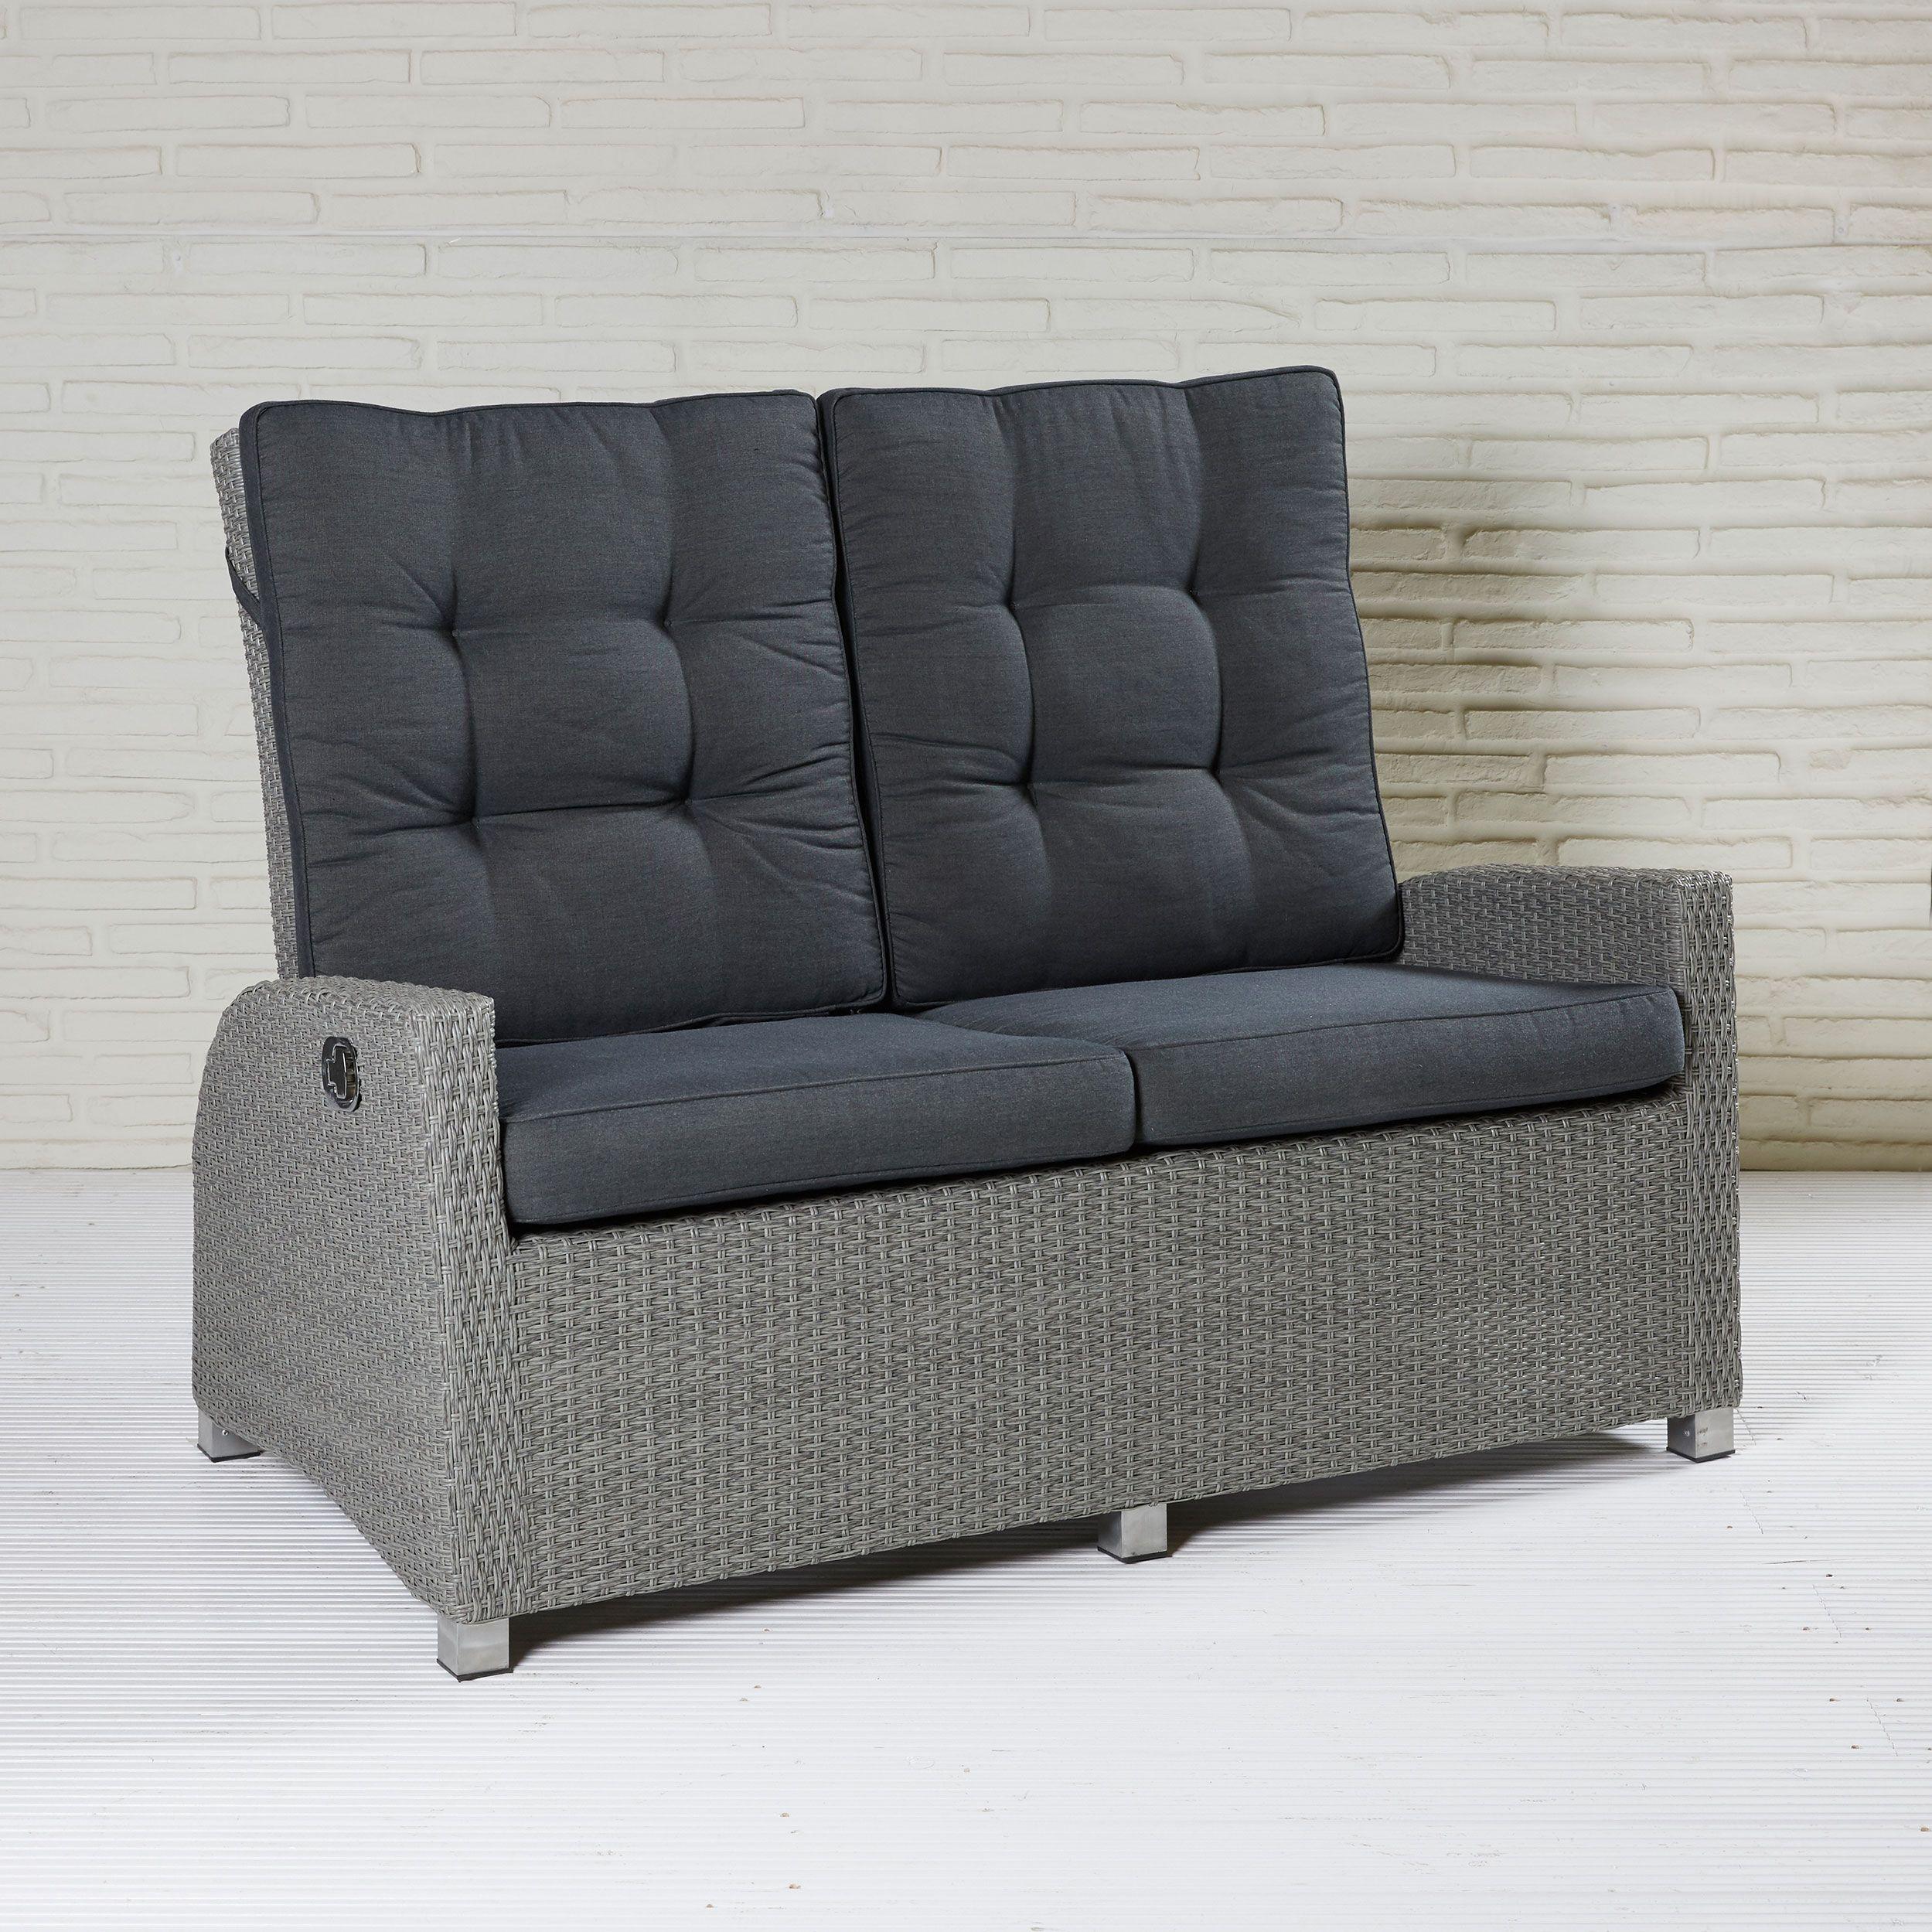 Zweisitzer Gartensofa Mit Verstellbarer Ruckenlehne Couch Mobel 2er Sofa Gunstige Sofas